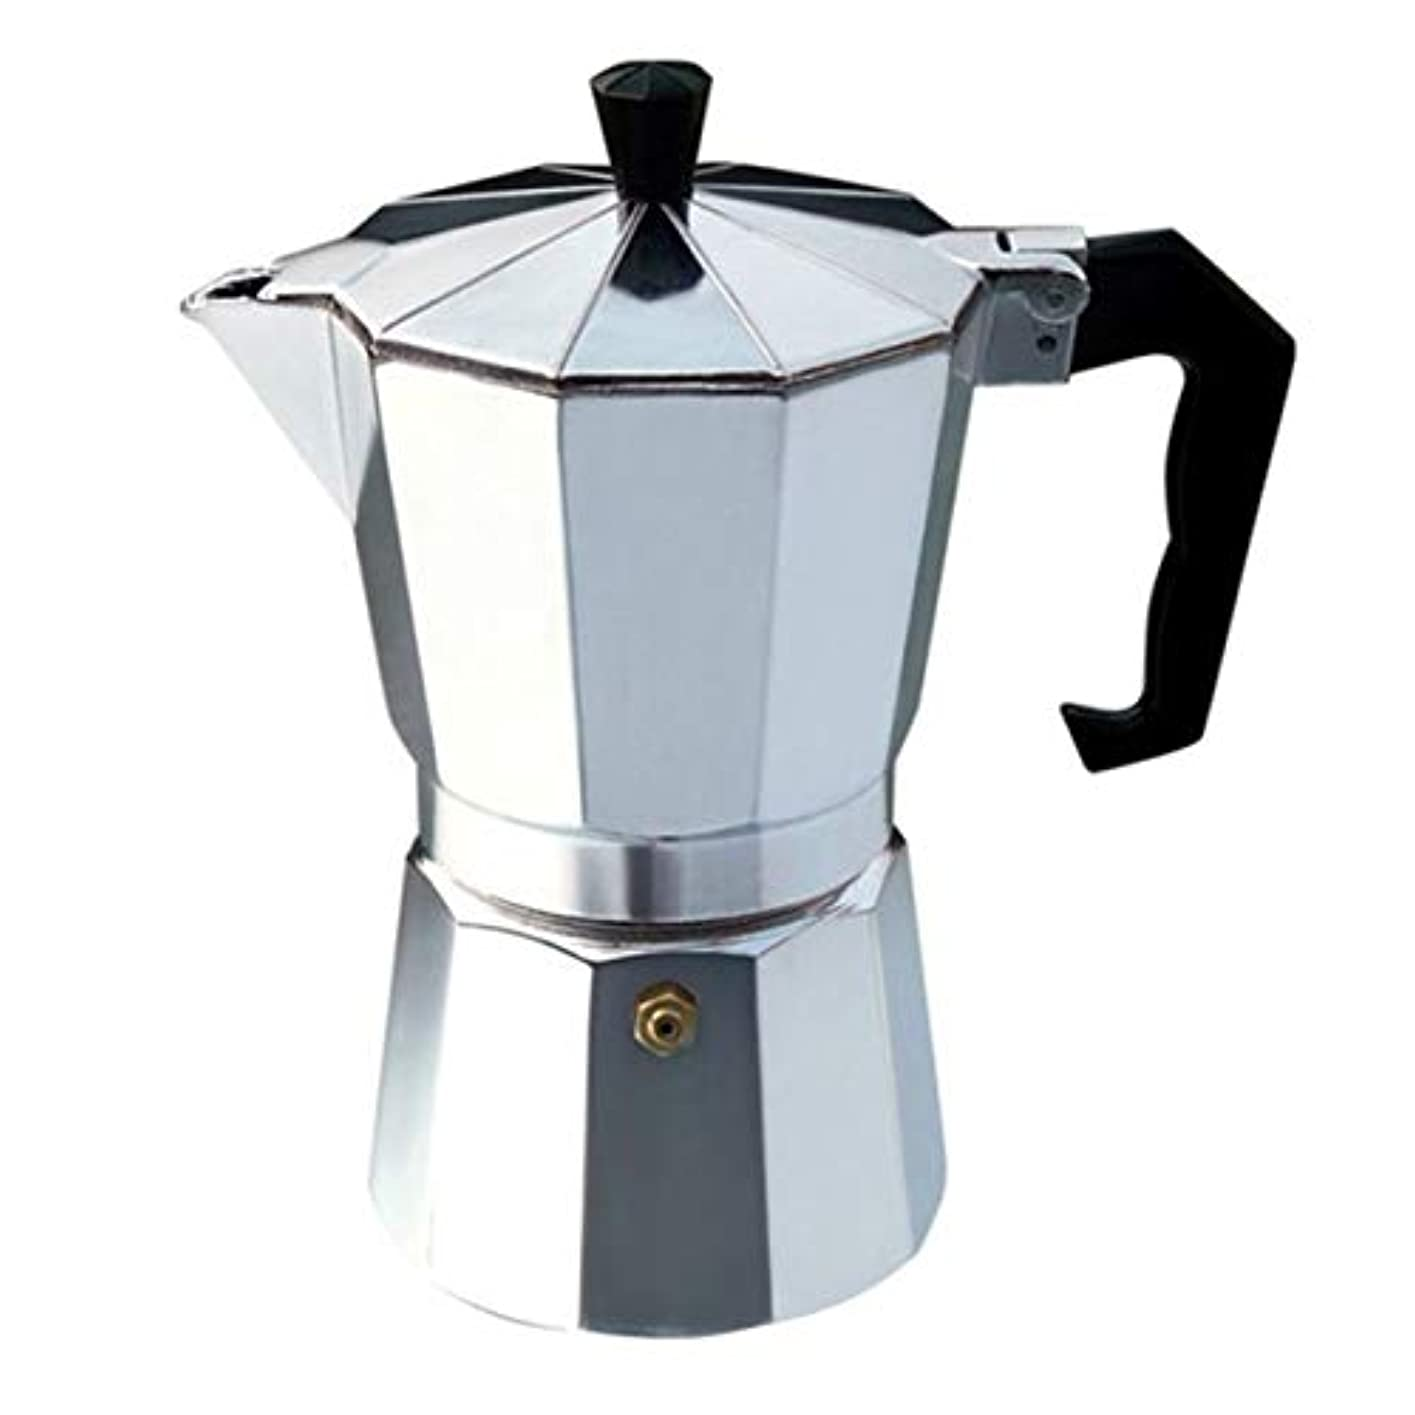 パドルエキスパートバッジSaikogoods ナガXuefeiイタリアコーヒーブラックコーヒーモカコーヒー 実用的なギフト 簡単にクリーンアップするためにアルミ真岡鍋 Octangleコーヒーメーカー 銀 6カップ